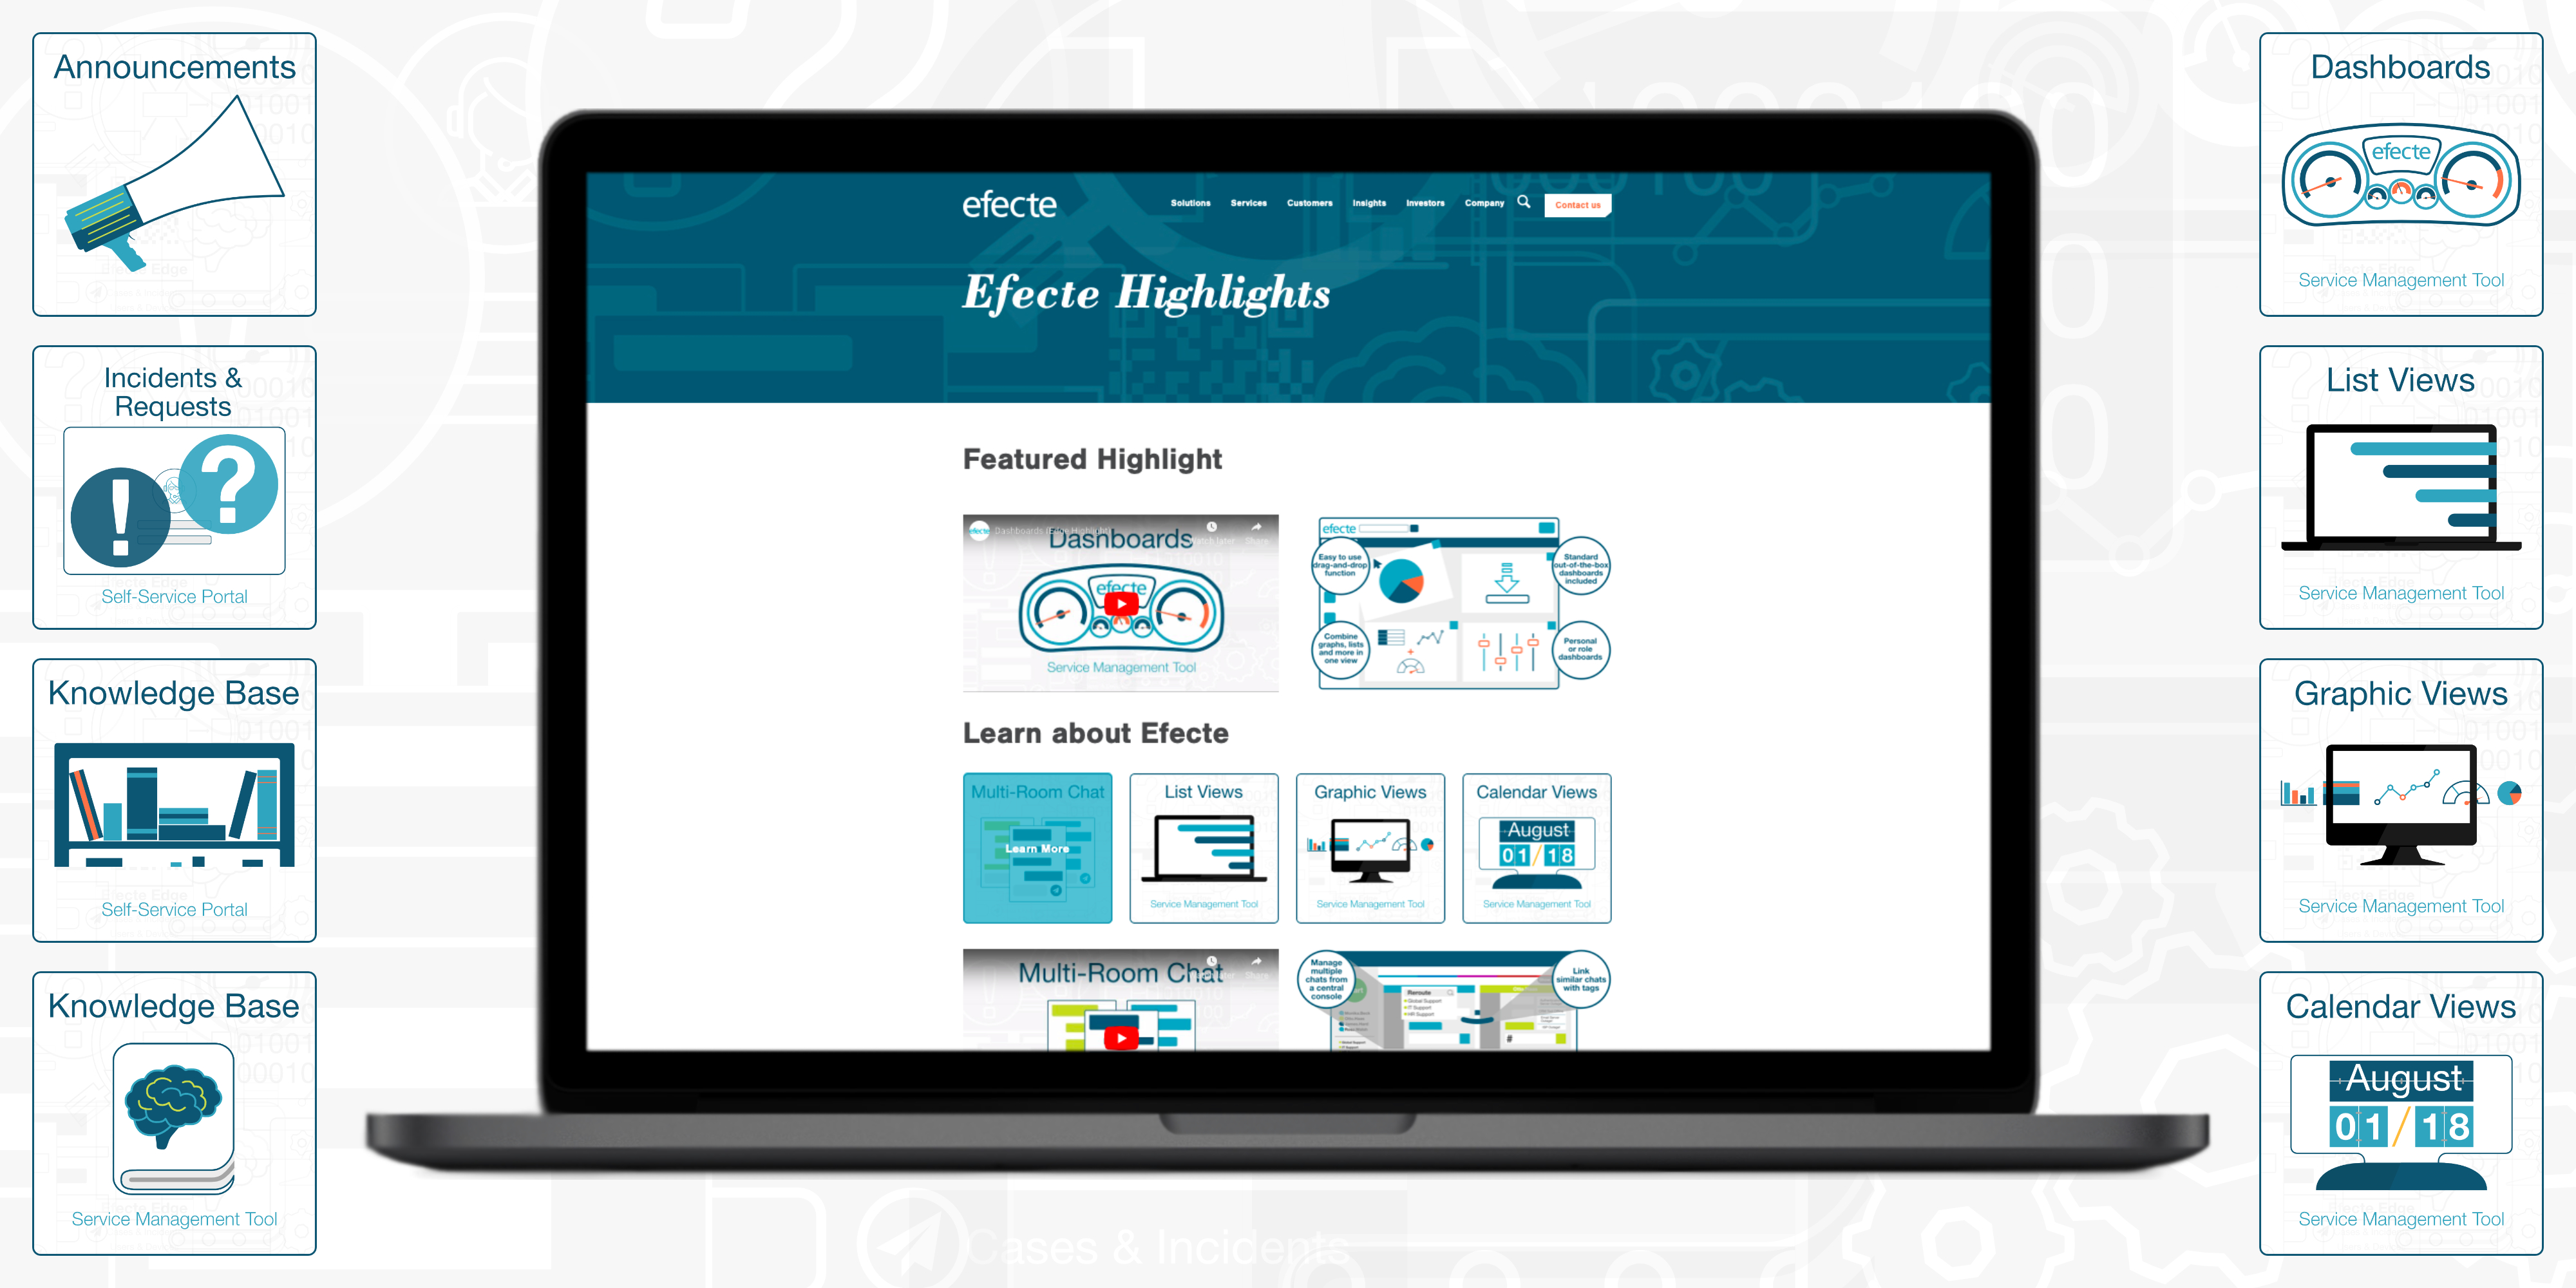 Efecte_Highlight_Image_Complete